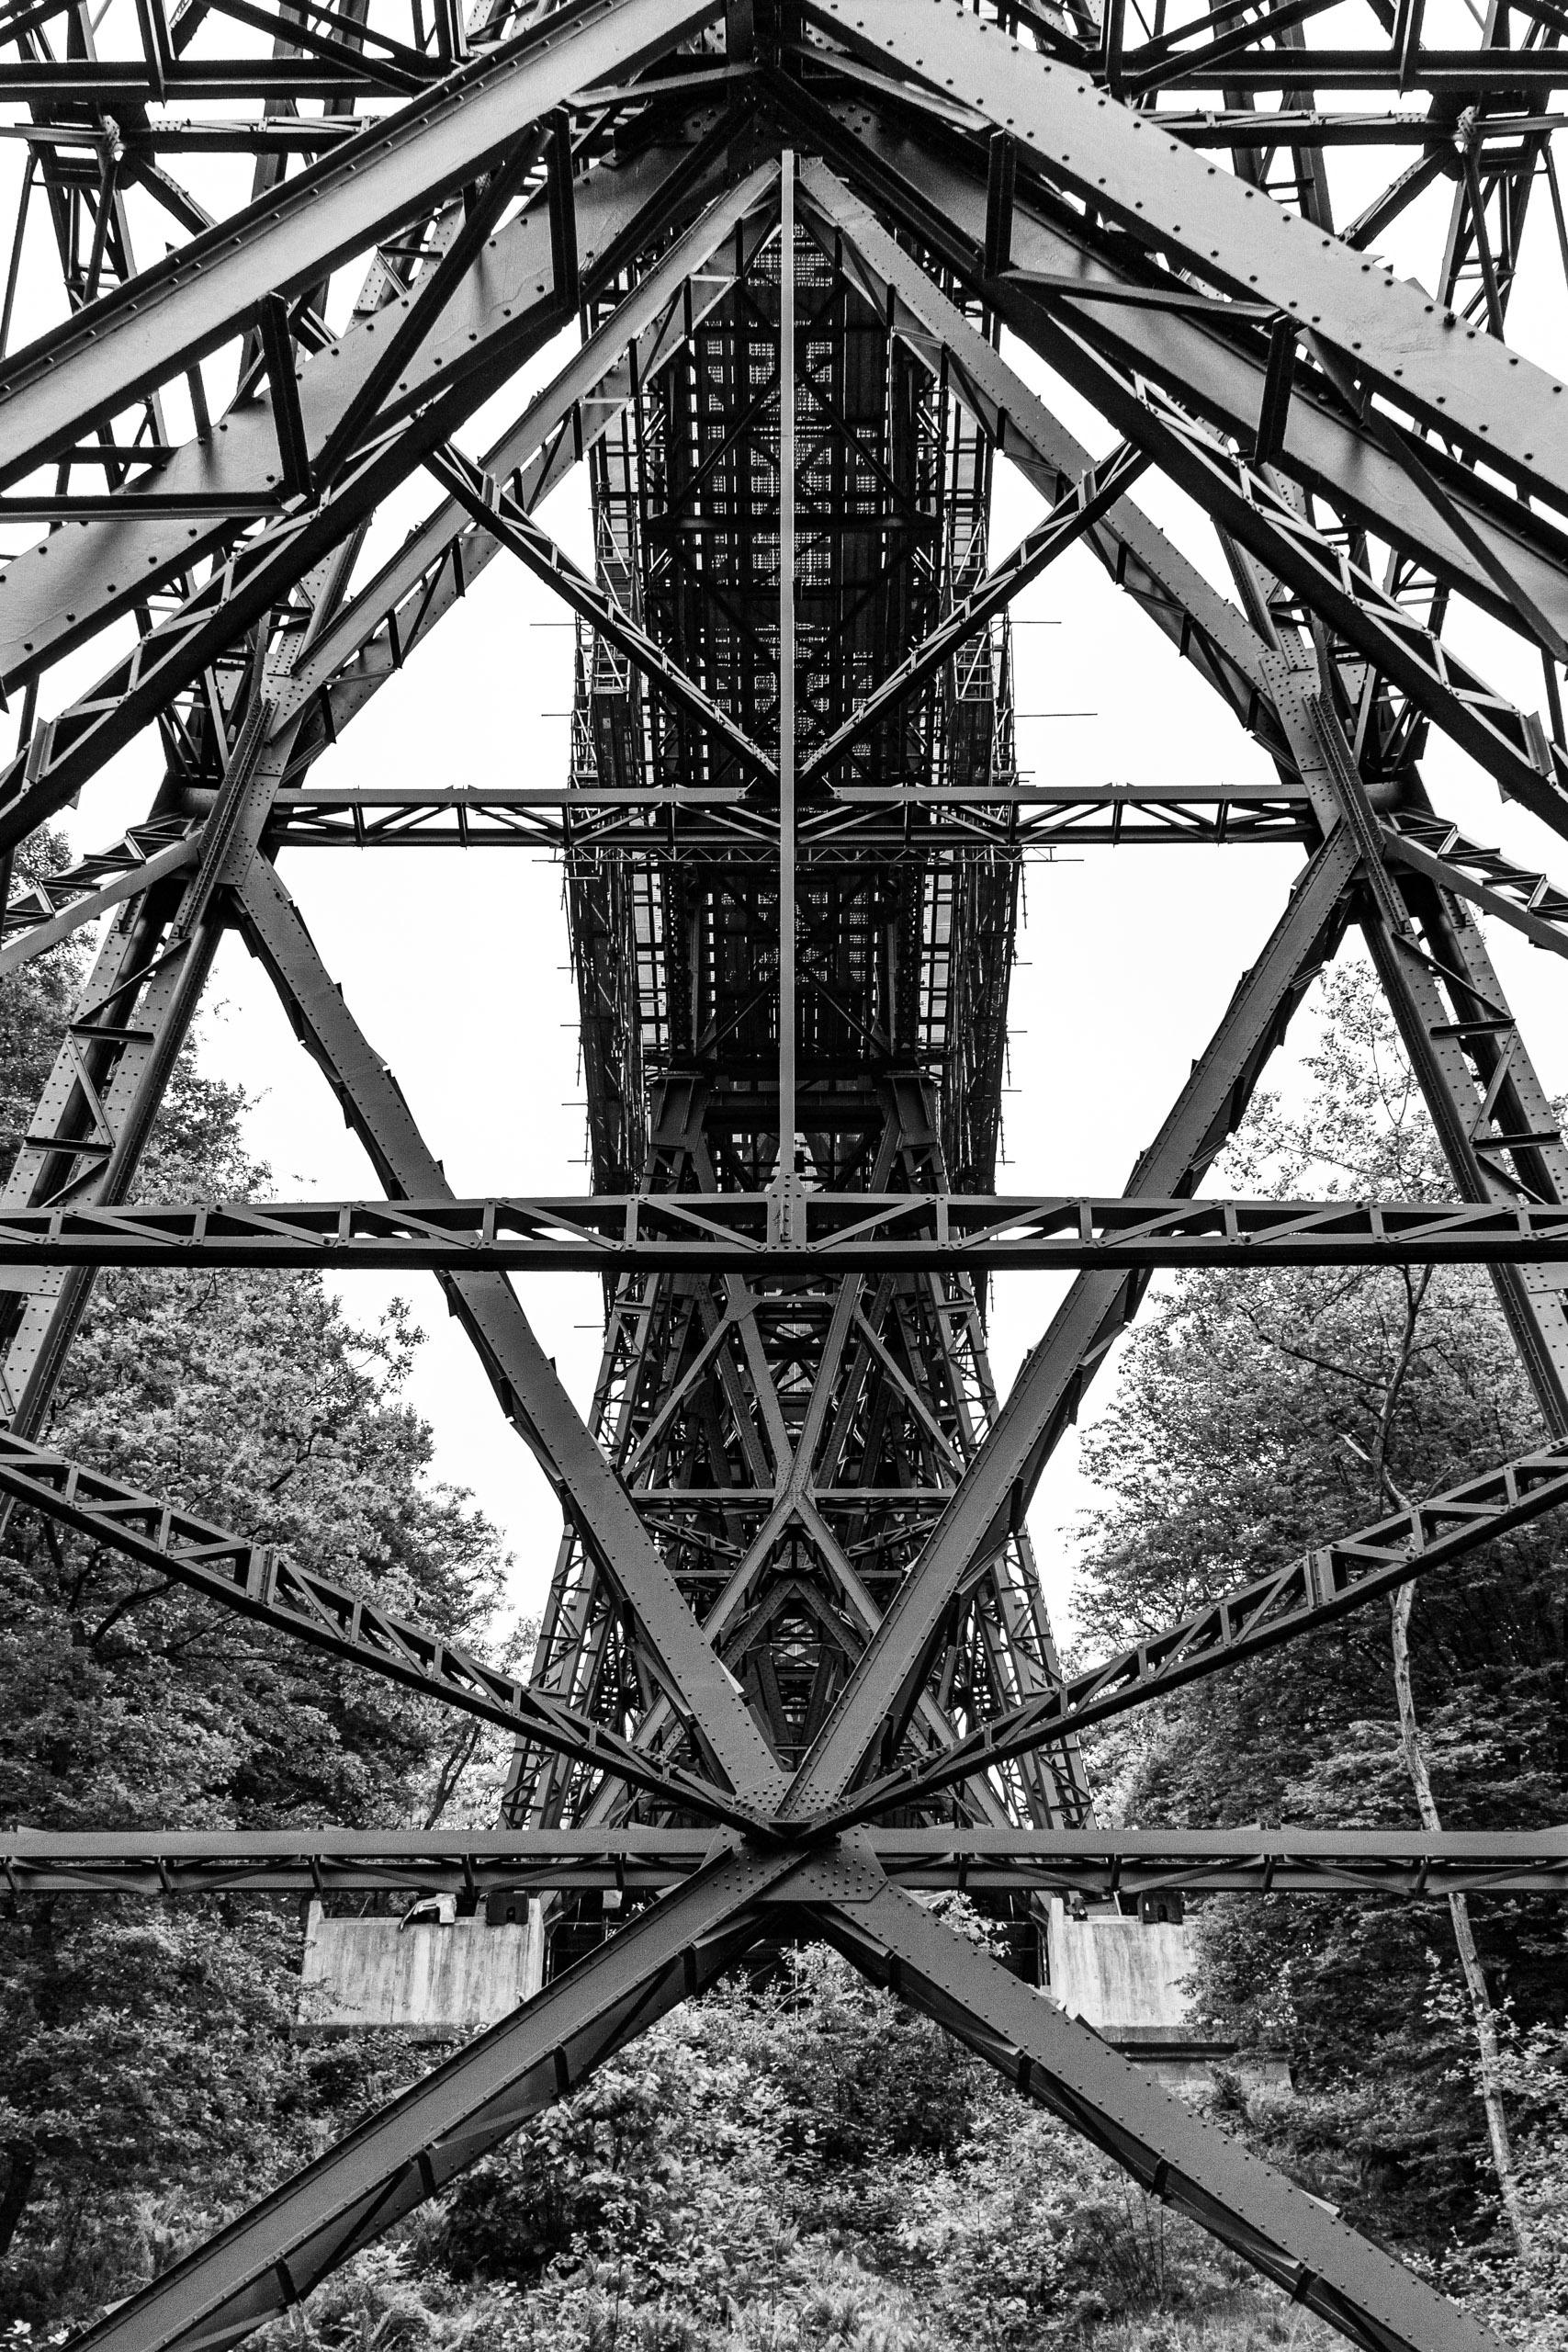 Fototour: Müngstener Brücke - Vordergrundbild